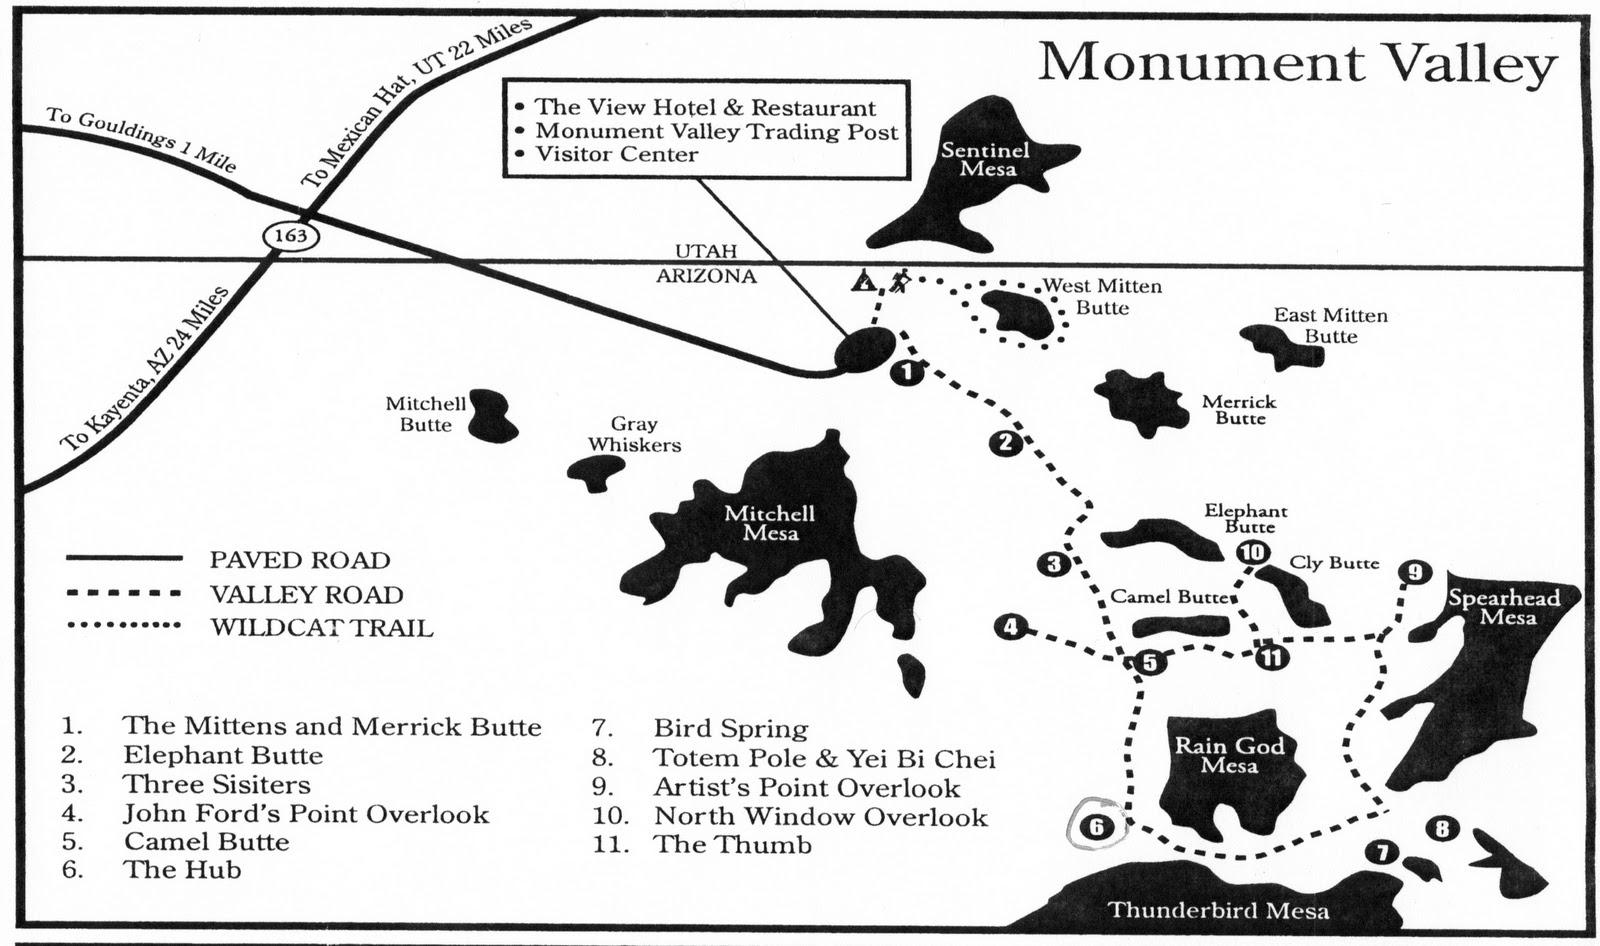 Mappa chiara della scenic drive della Monument Valley